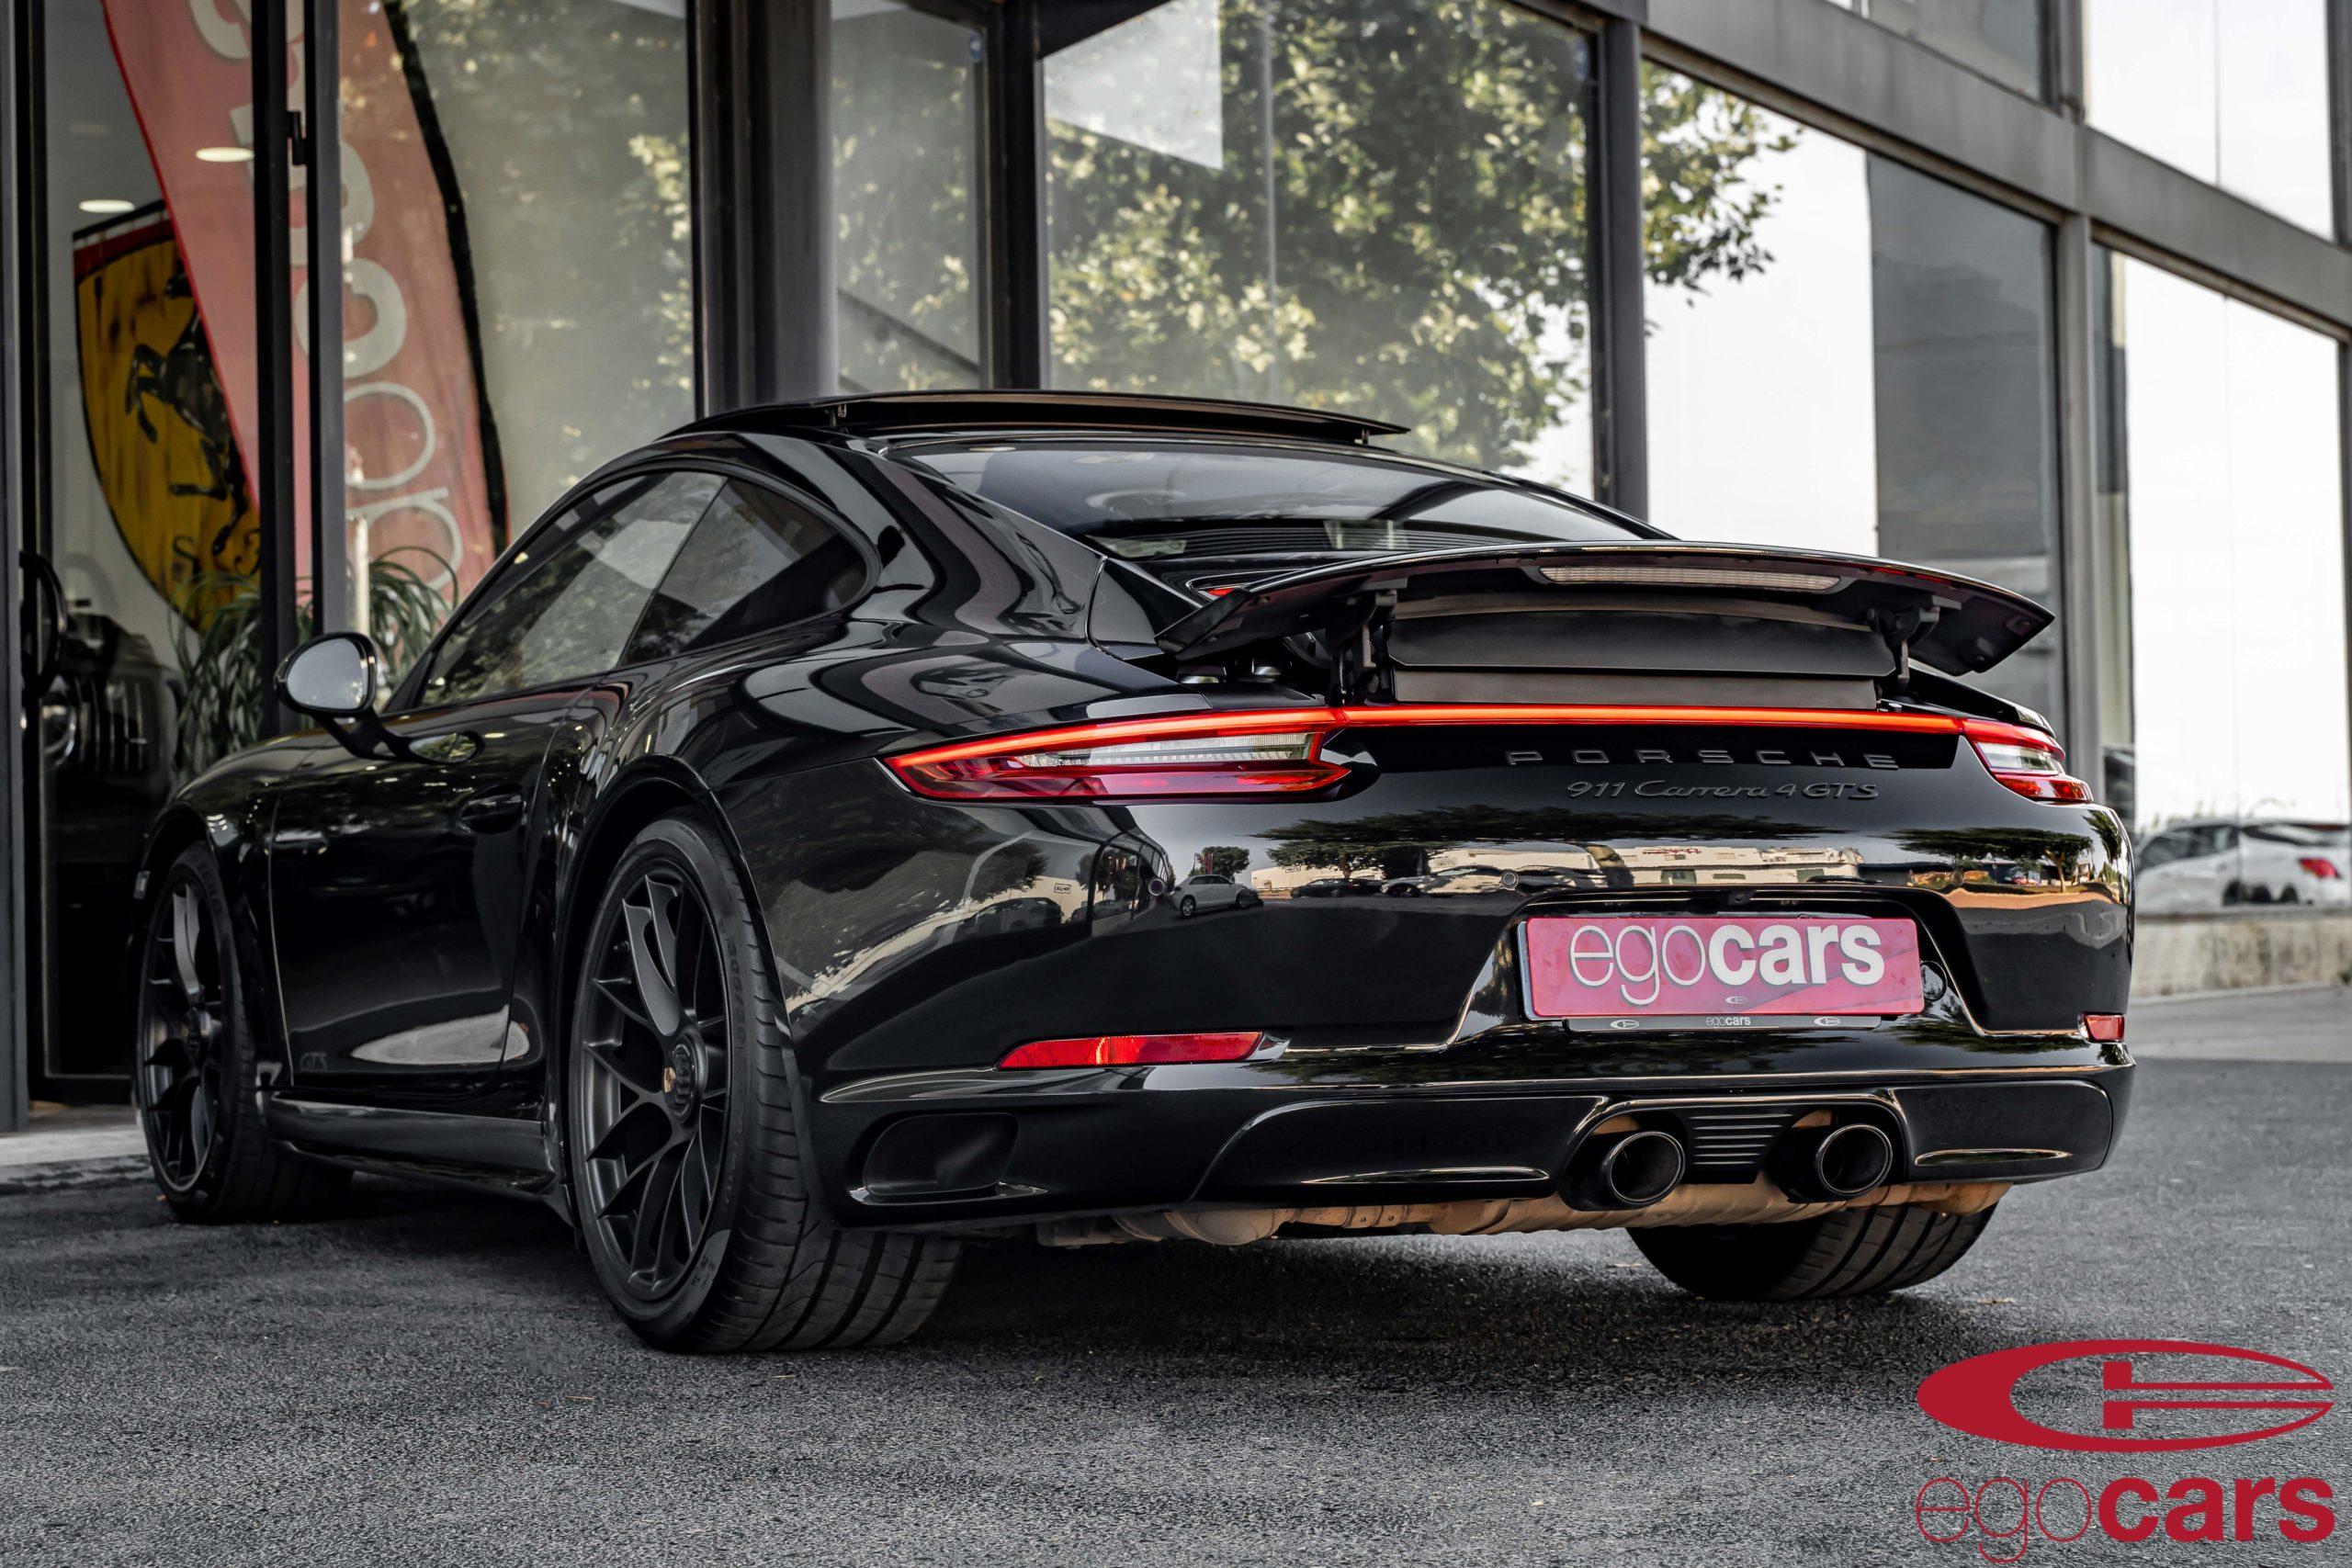 911 CARRERA 4 GTS NEGRO EGOCARS_11